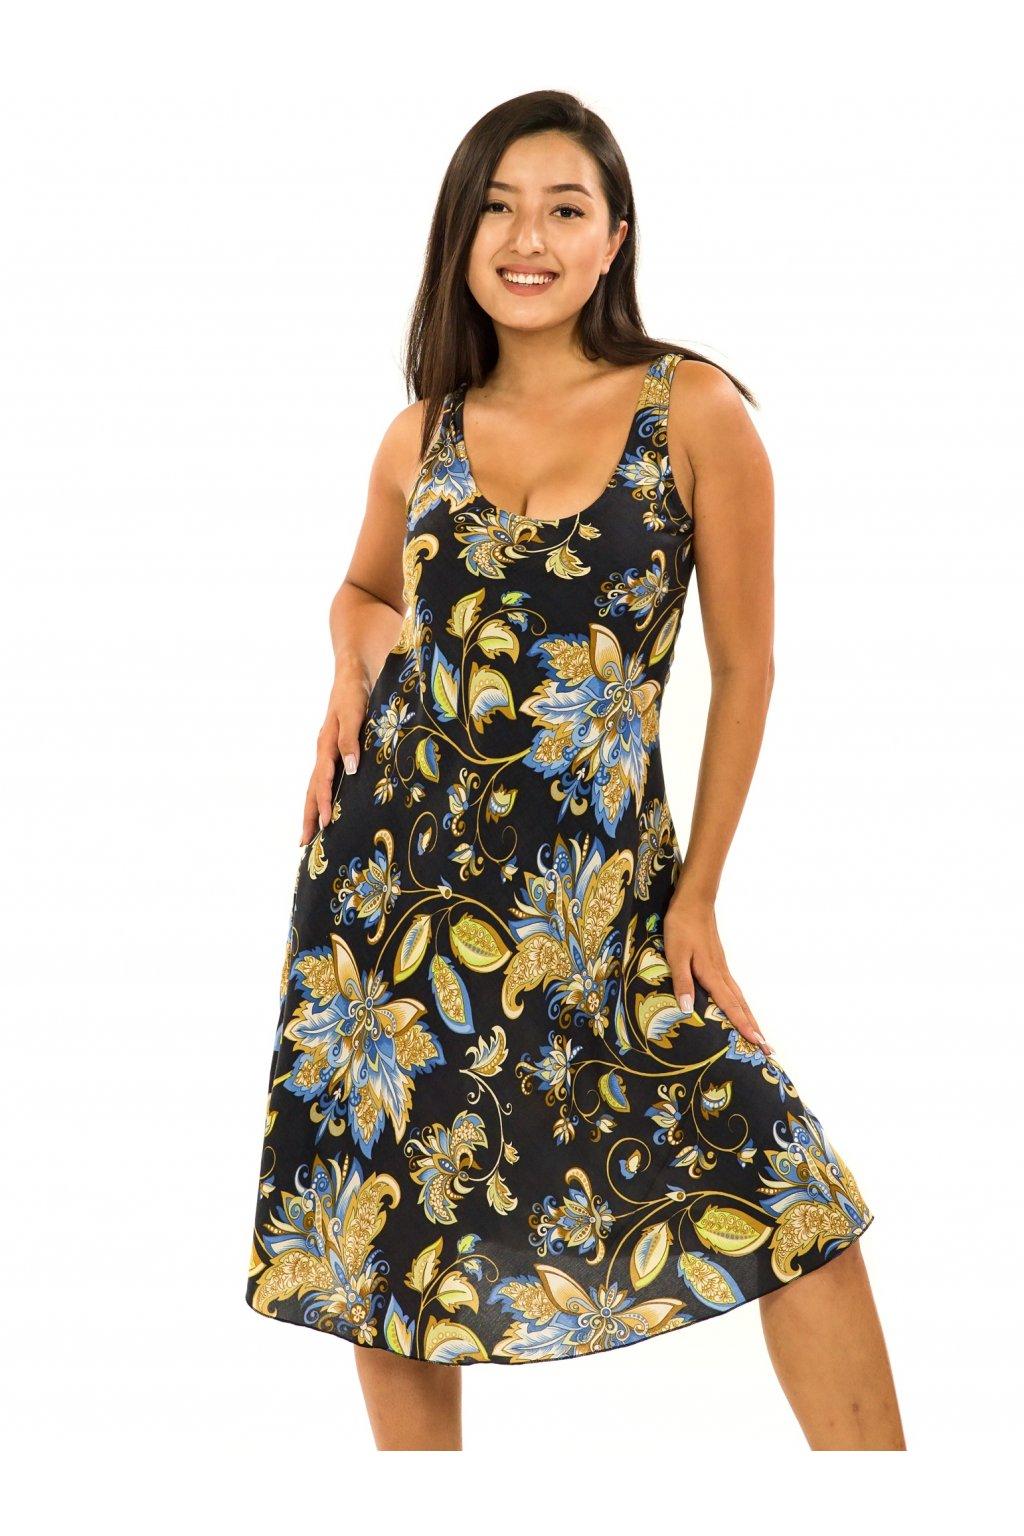 Šaty Ava Rauna - černé s barvami